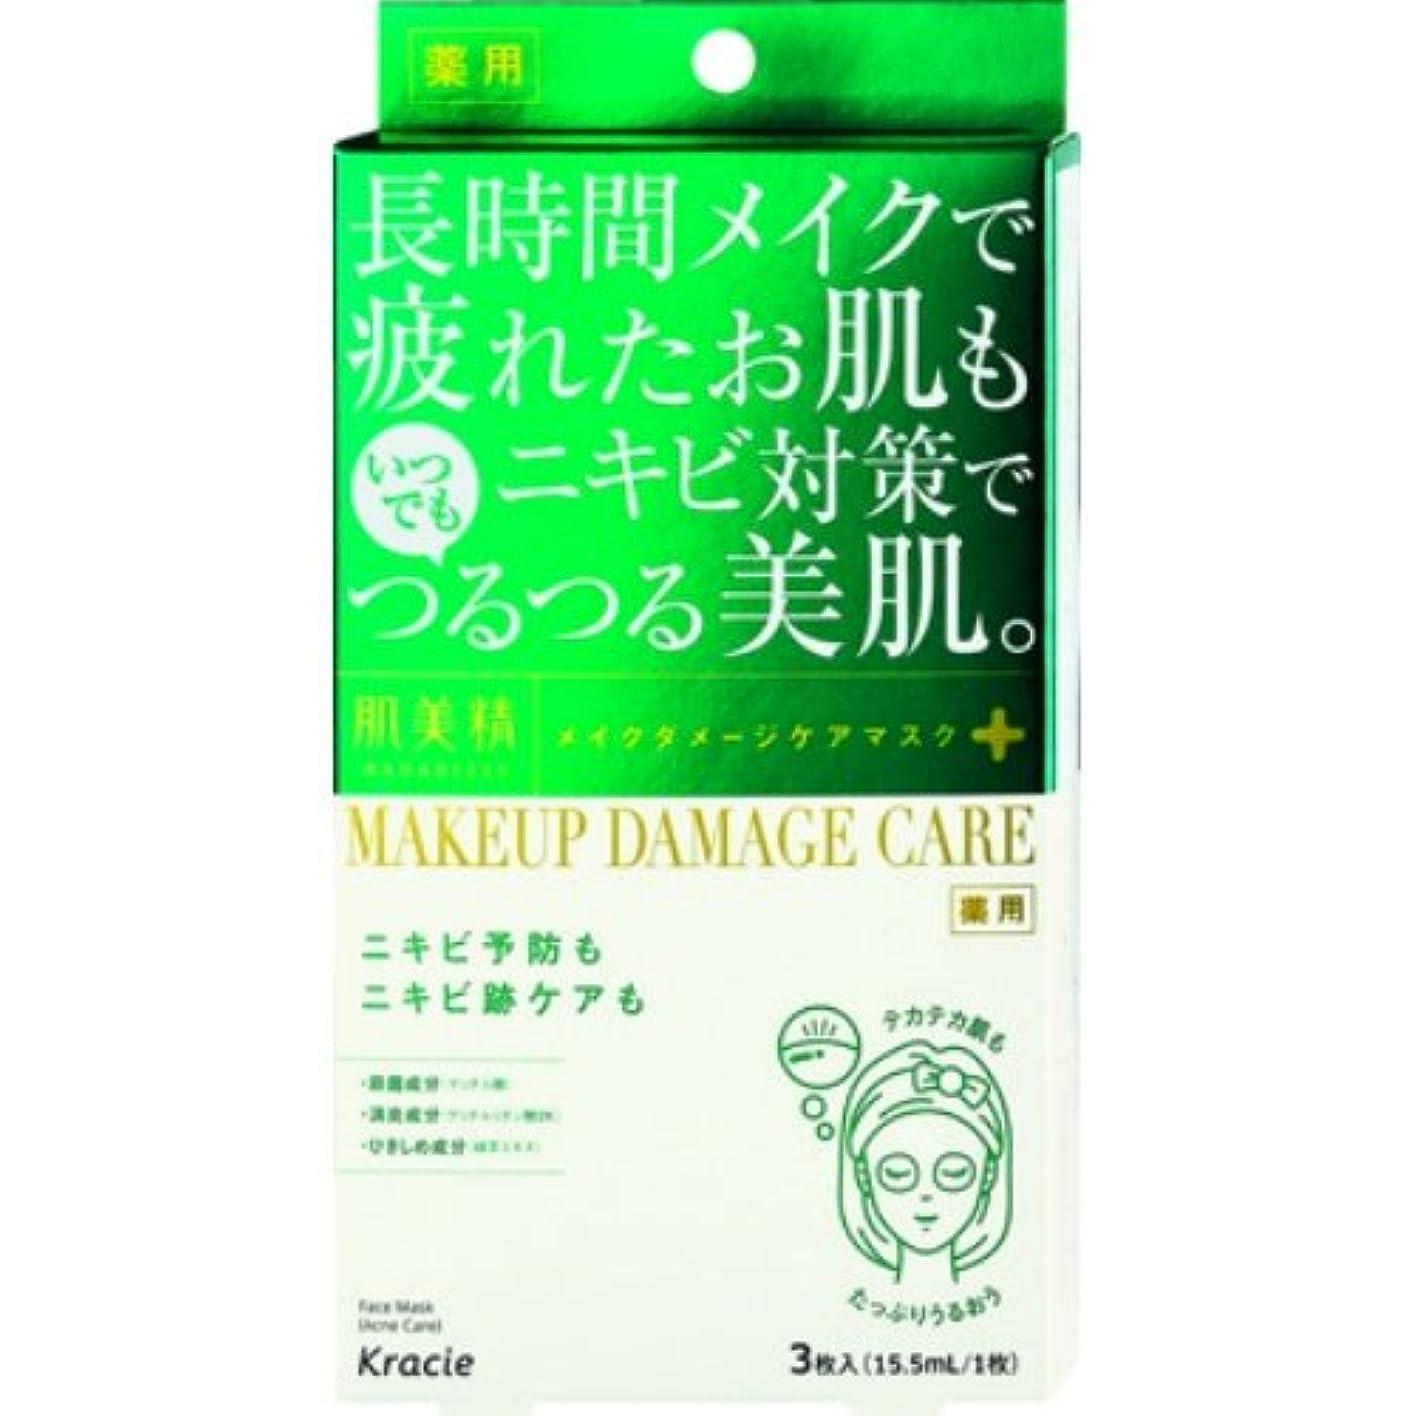 一口代表する銀行肌美精 ビューティーケアマスク(ニキビ) [医薬部外品] 3枚 48個入りケース